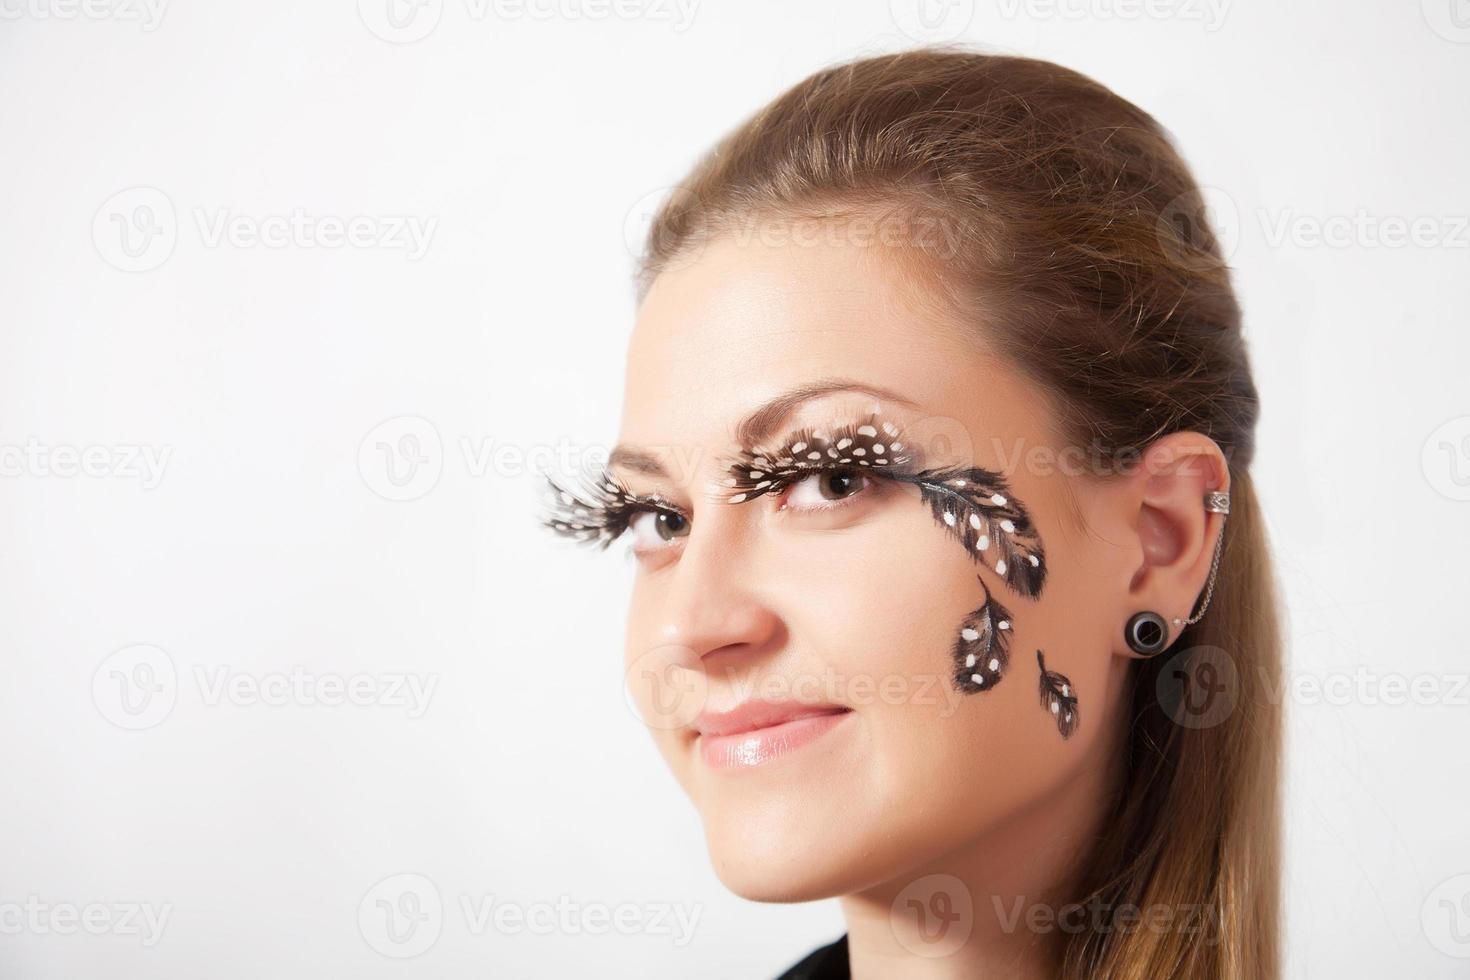 bella donna con ciglia lunghe e arte del viso foto